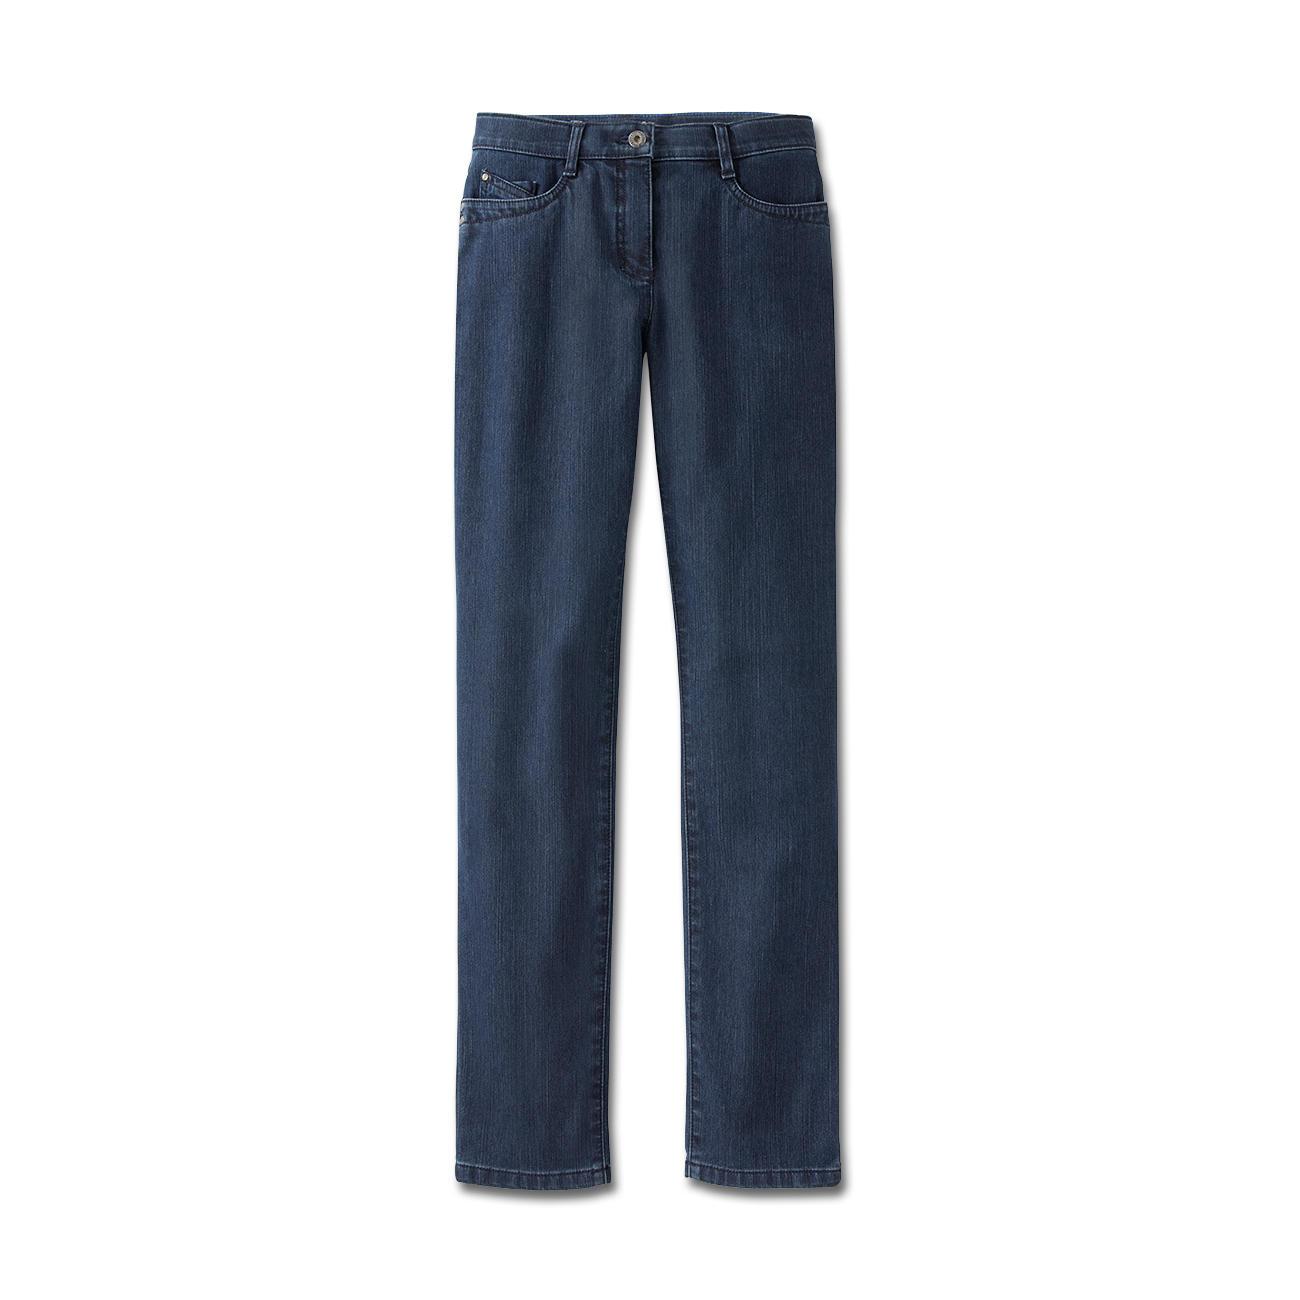 schlanke thermo jeans mode klassiker entdecken. Black Bedroom Furniture Sets. Home Design Ideas